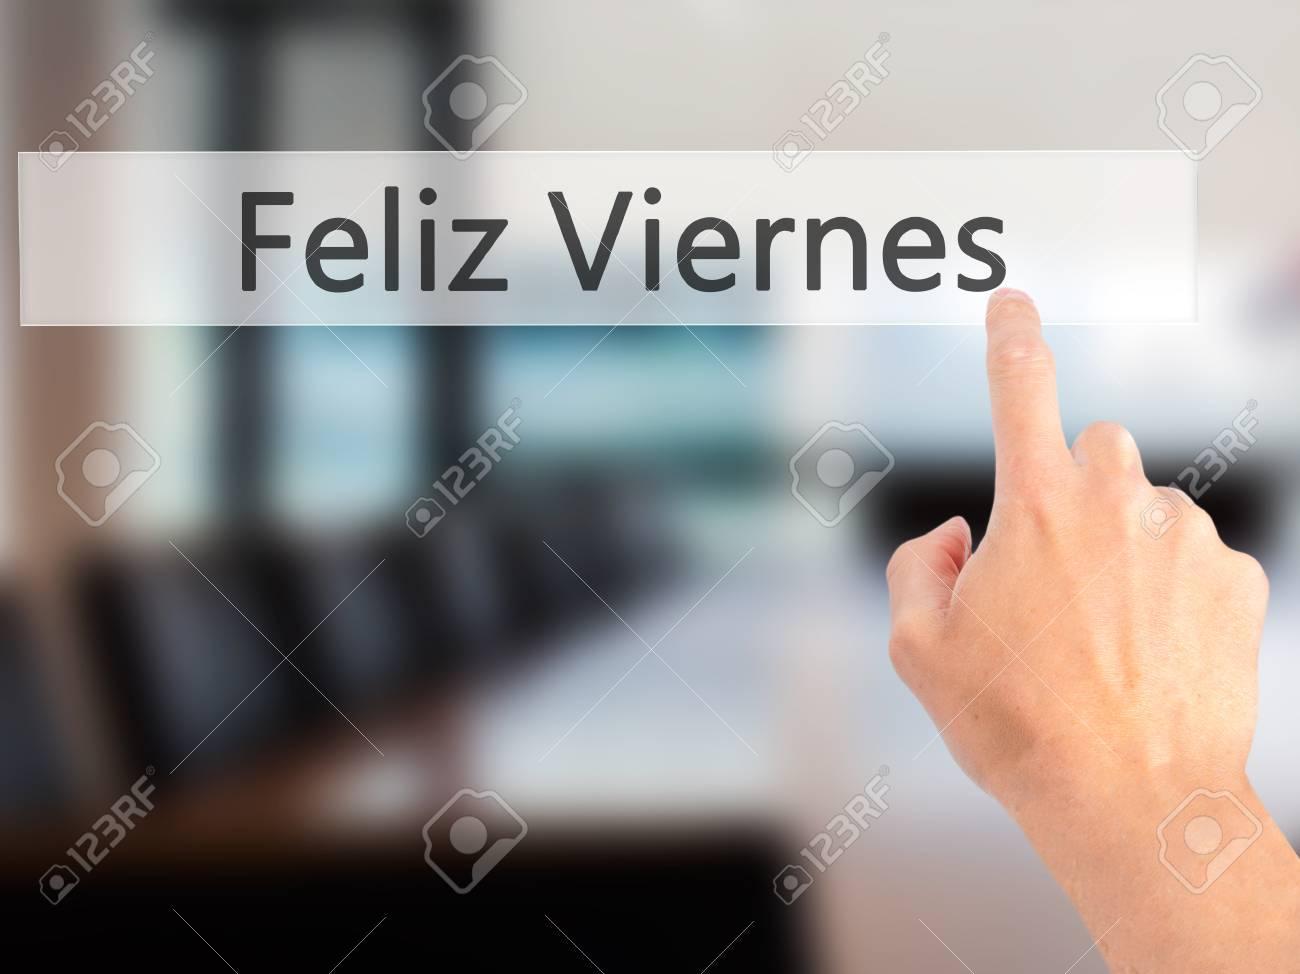 Feliz Viernes Glücklicher Freitag Auf Spanisch Hand Die Einen